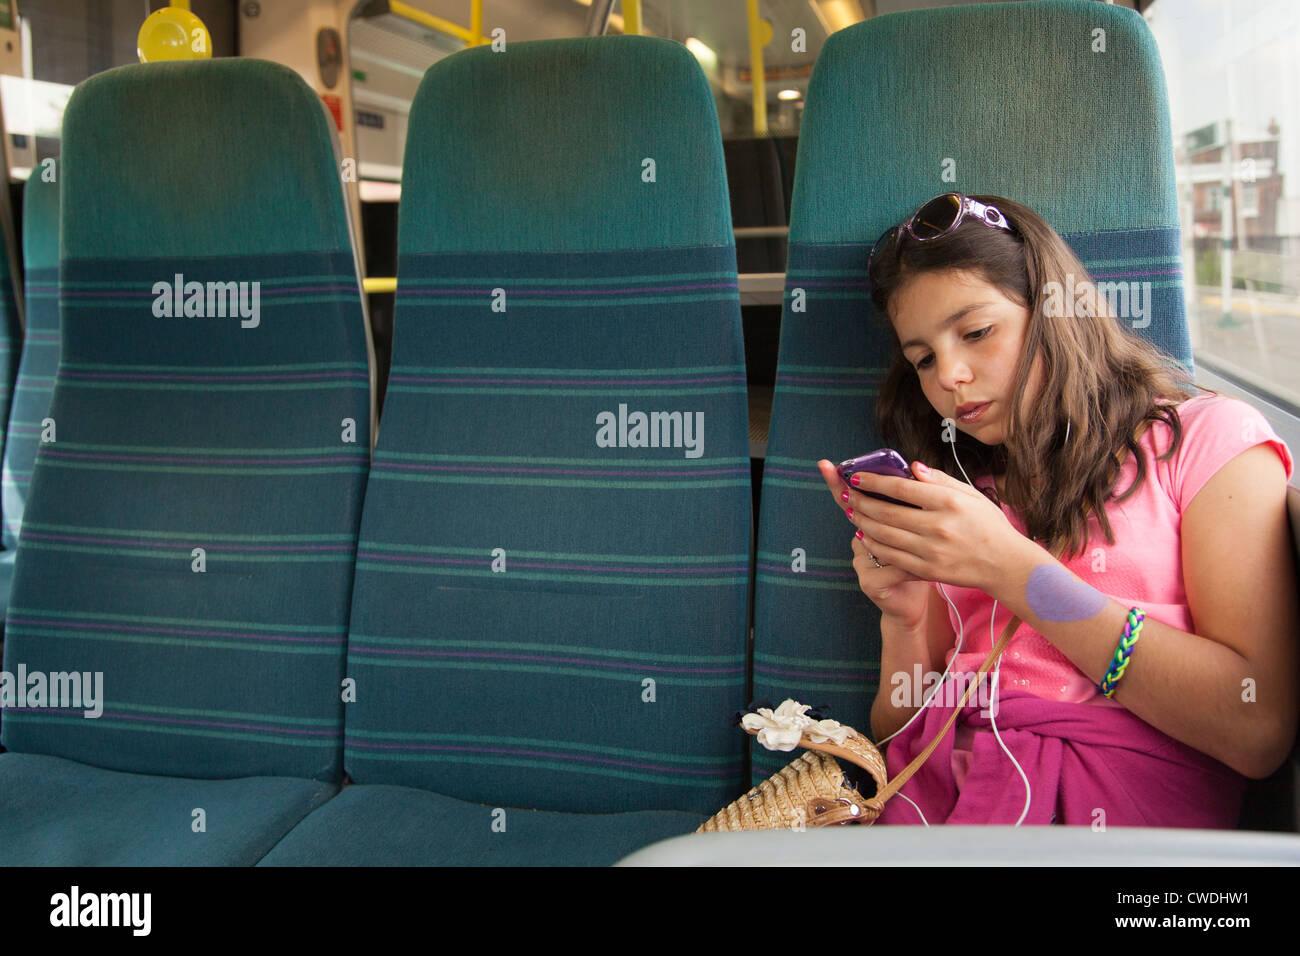 Ragazza giovane ascolta musica sul trasporto pubblico,Londra,Inghilterra Immagini Stock